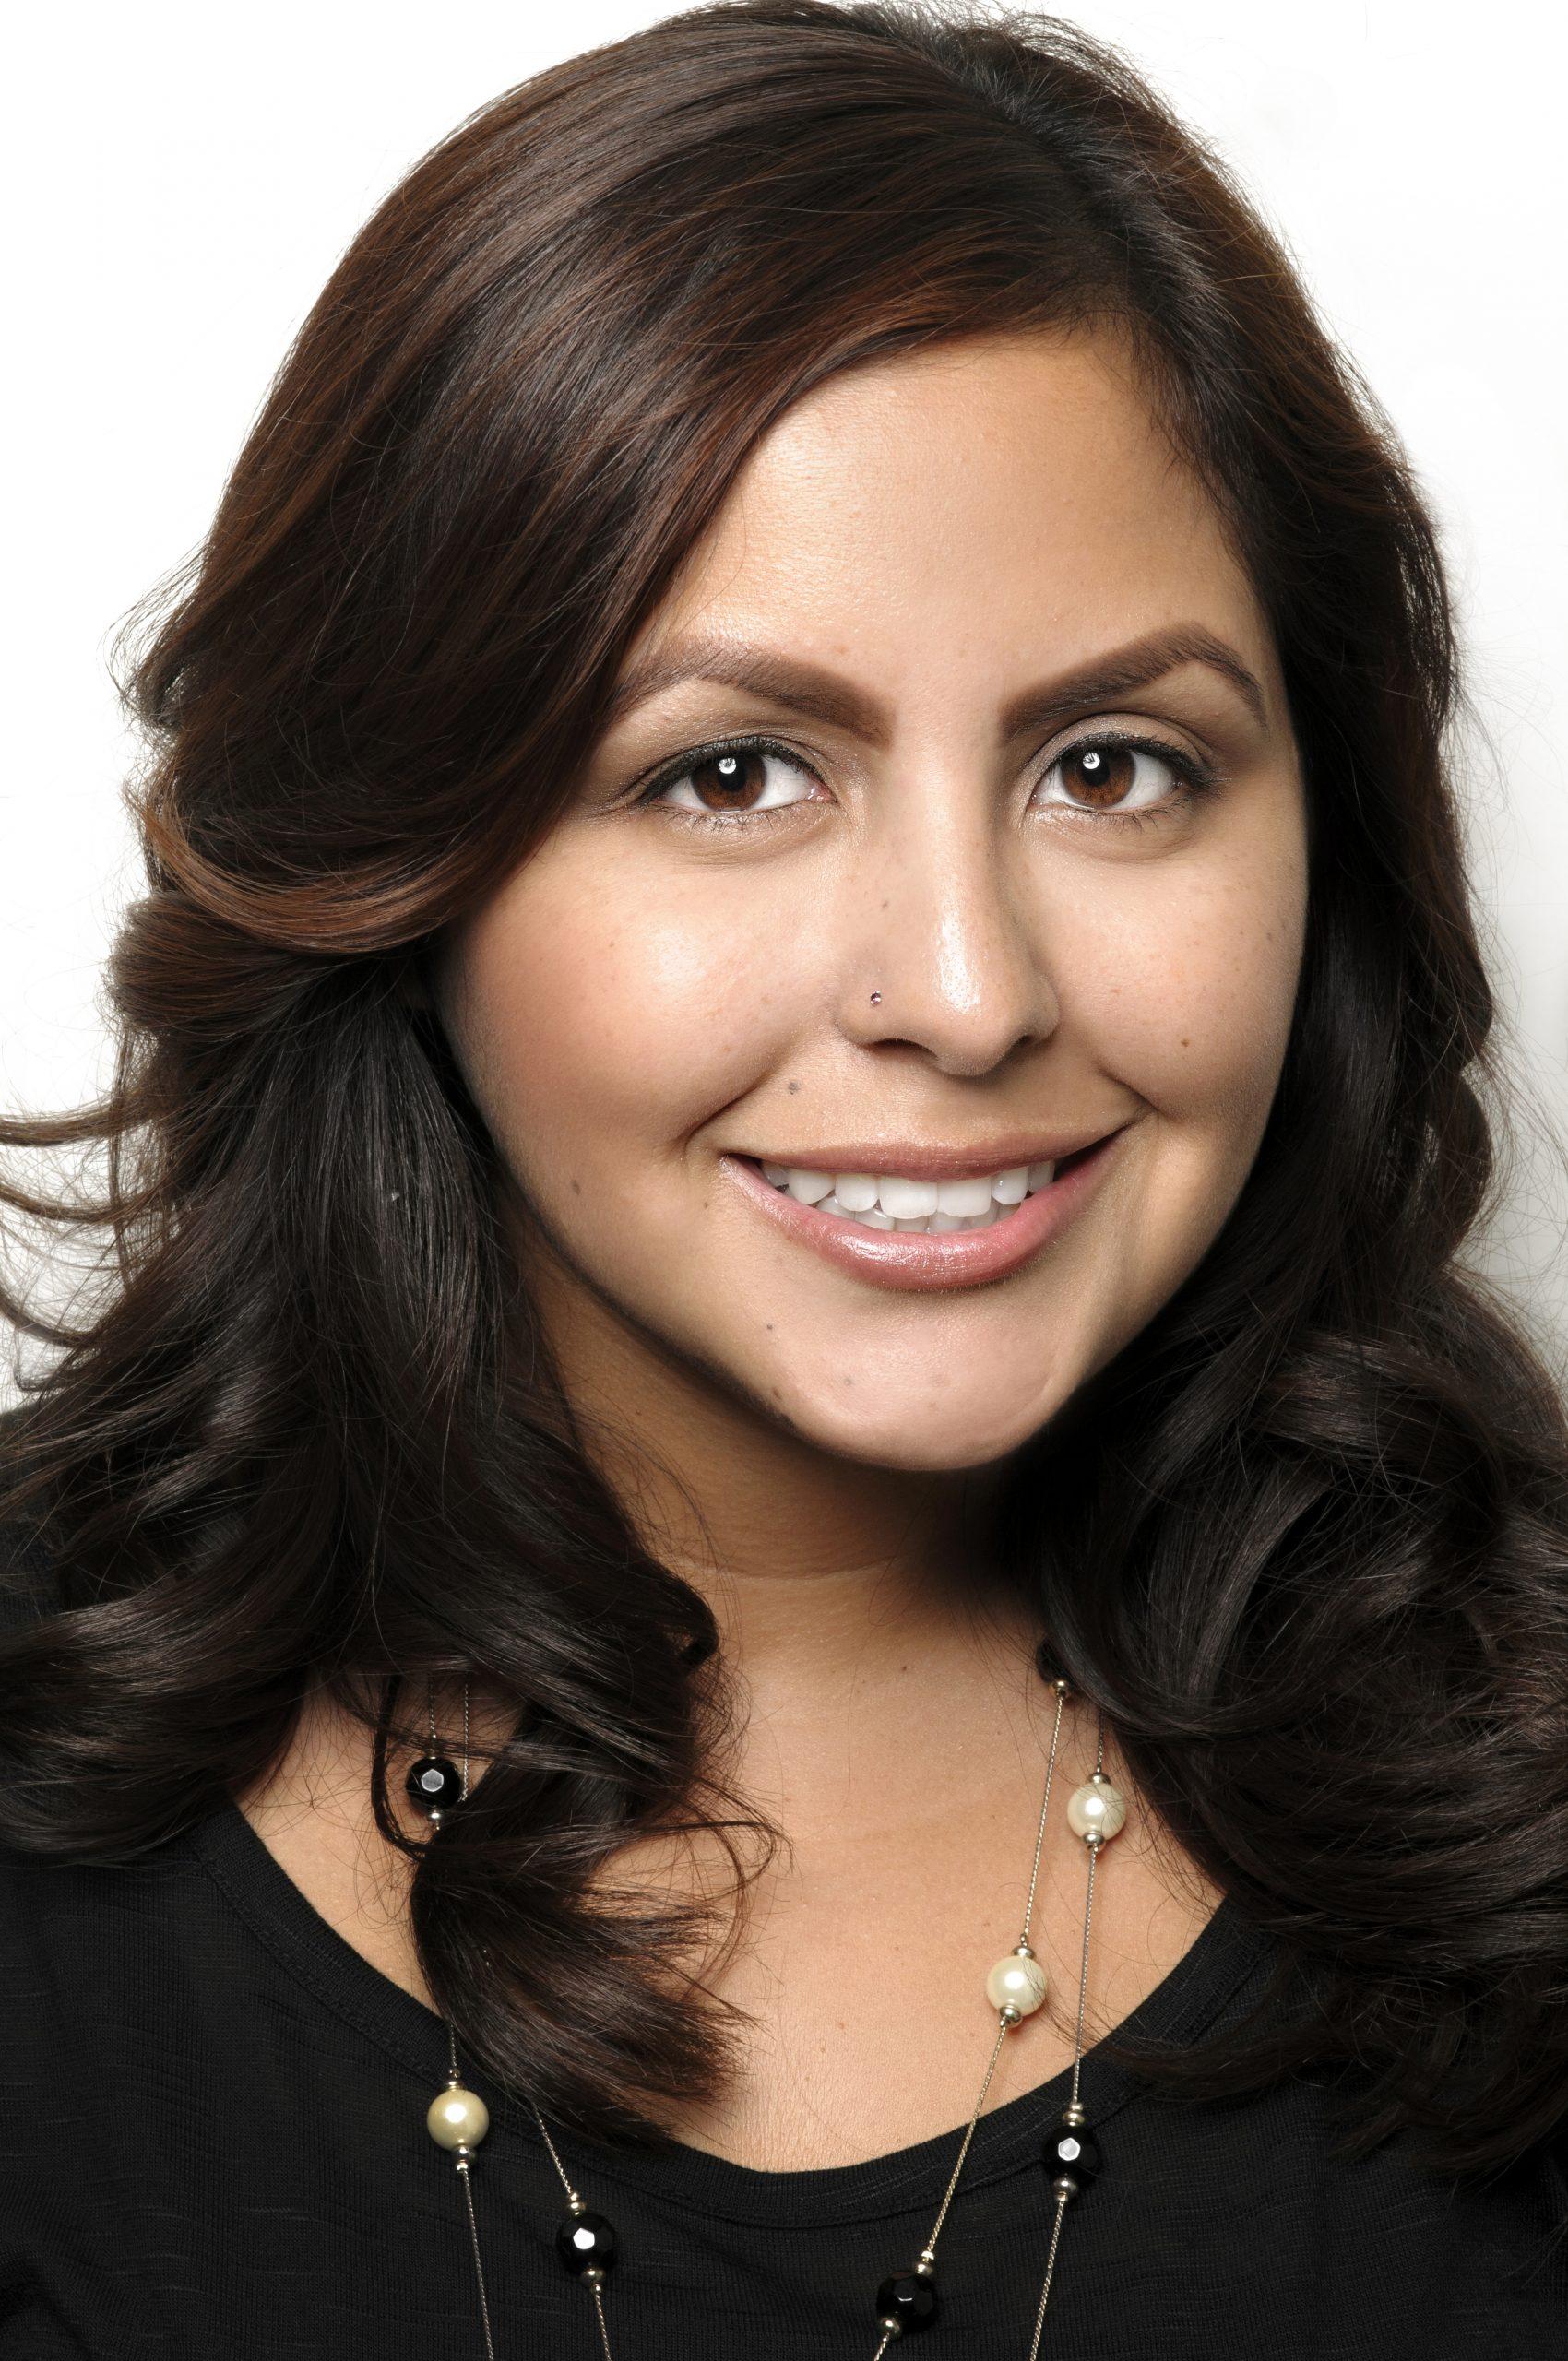 Jasmine Uribe